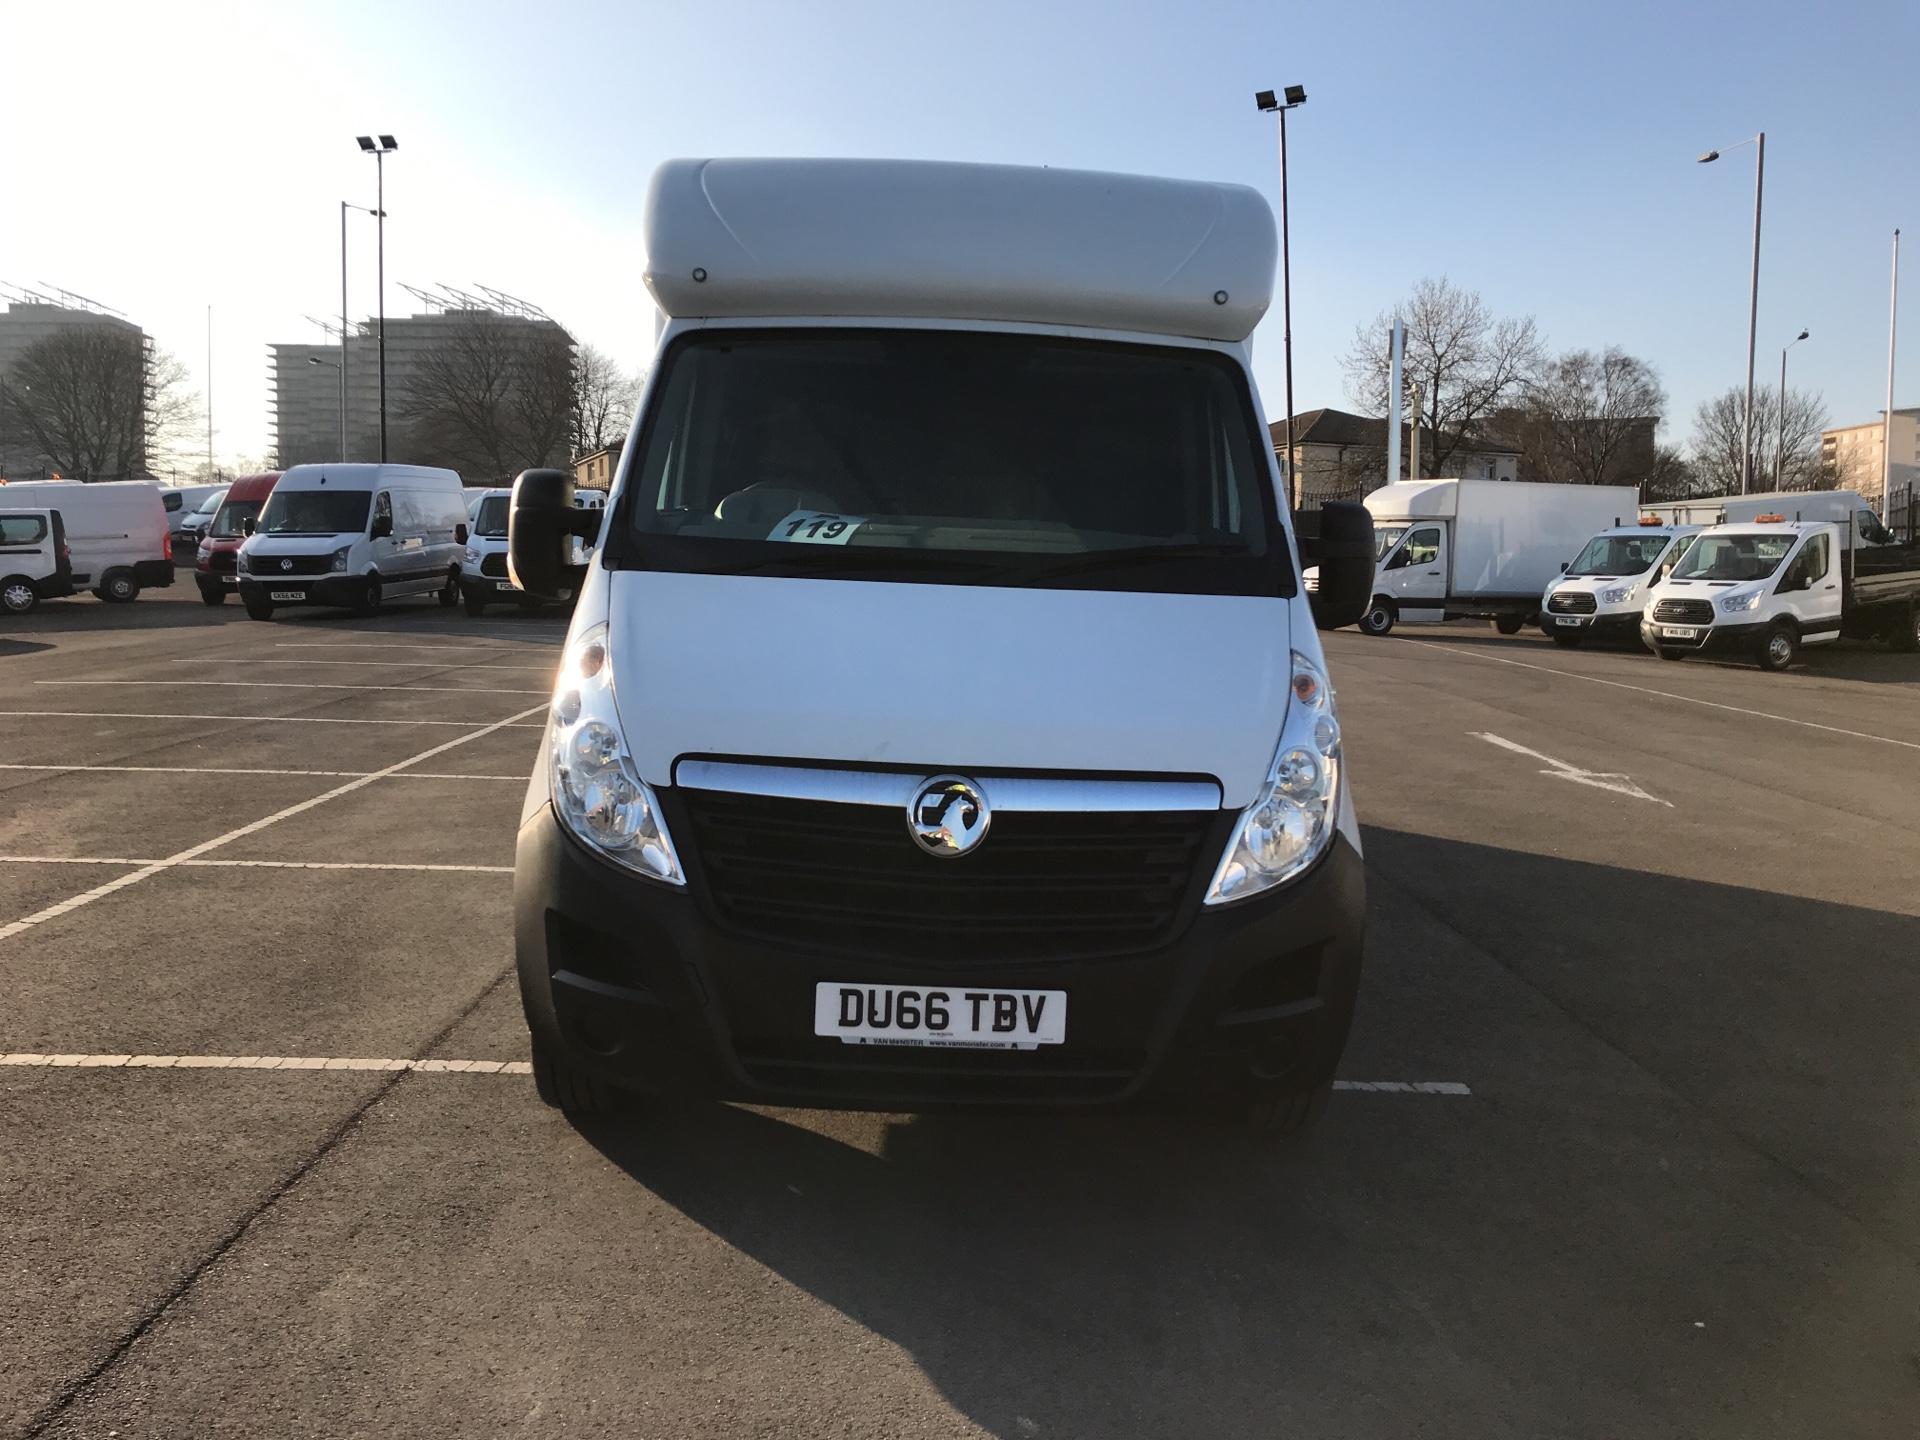 2016 Vauxhall Movano 2.3 Cdti LWB LO Loader Luton Box Van Euro 6  (DU66TBV) Image 8